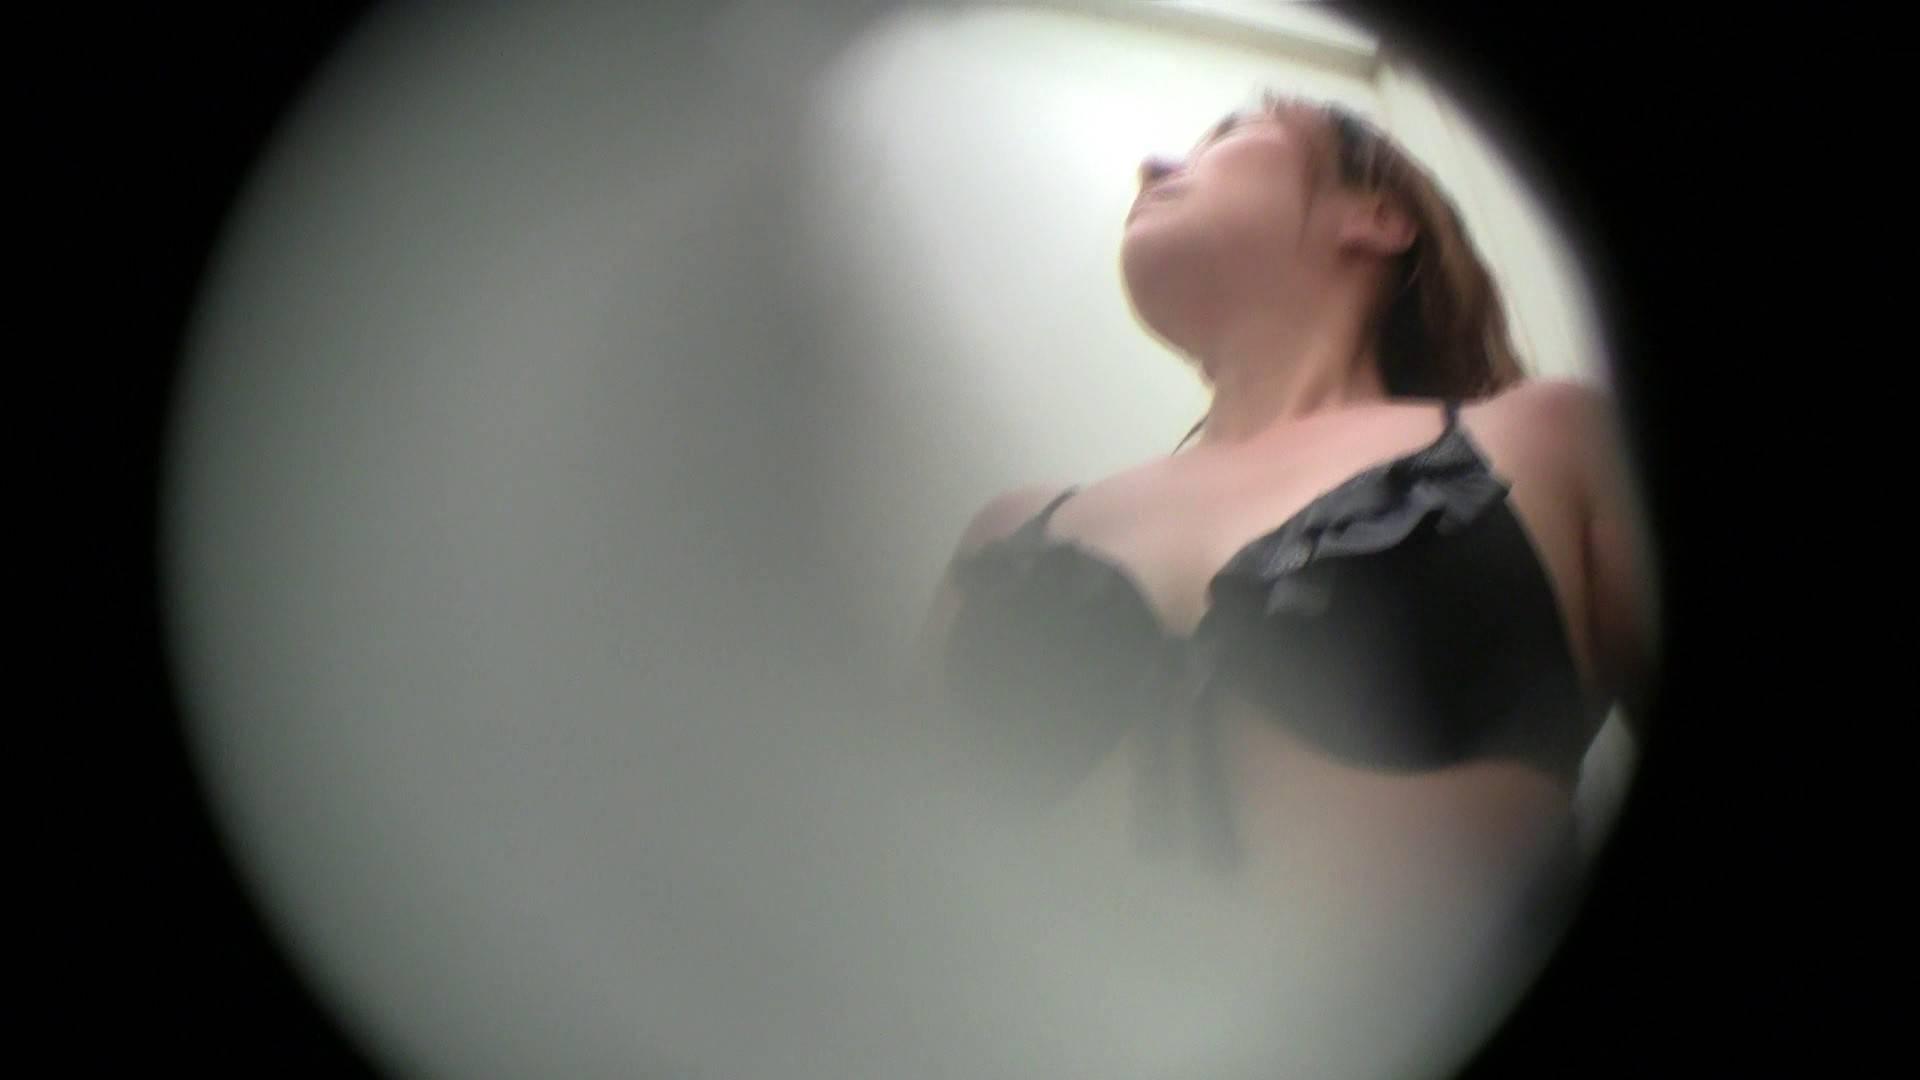 NO.21 良く見ると結構いってます シャワー 盗撮ヌード画像 92pic 2